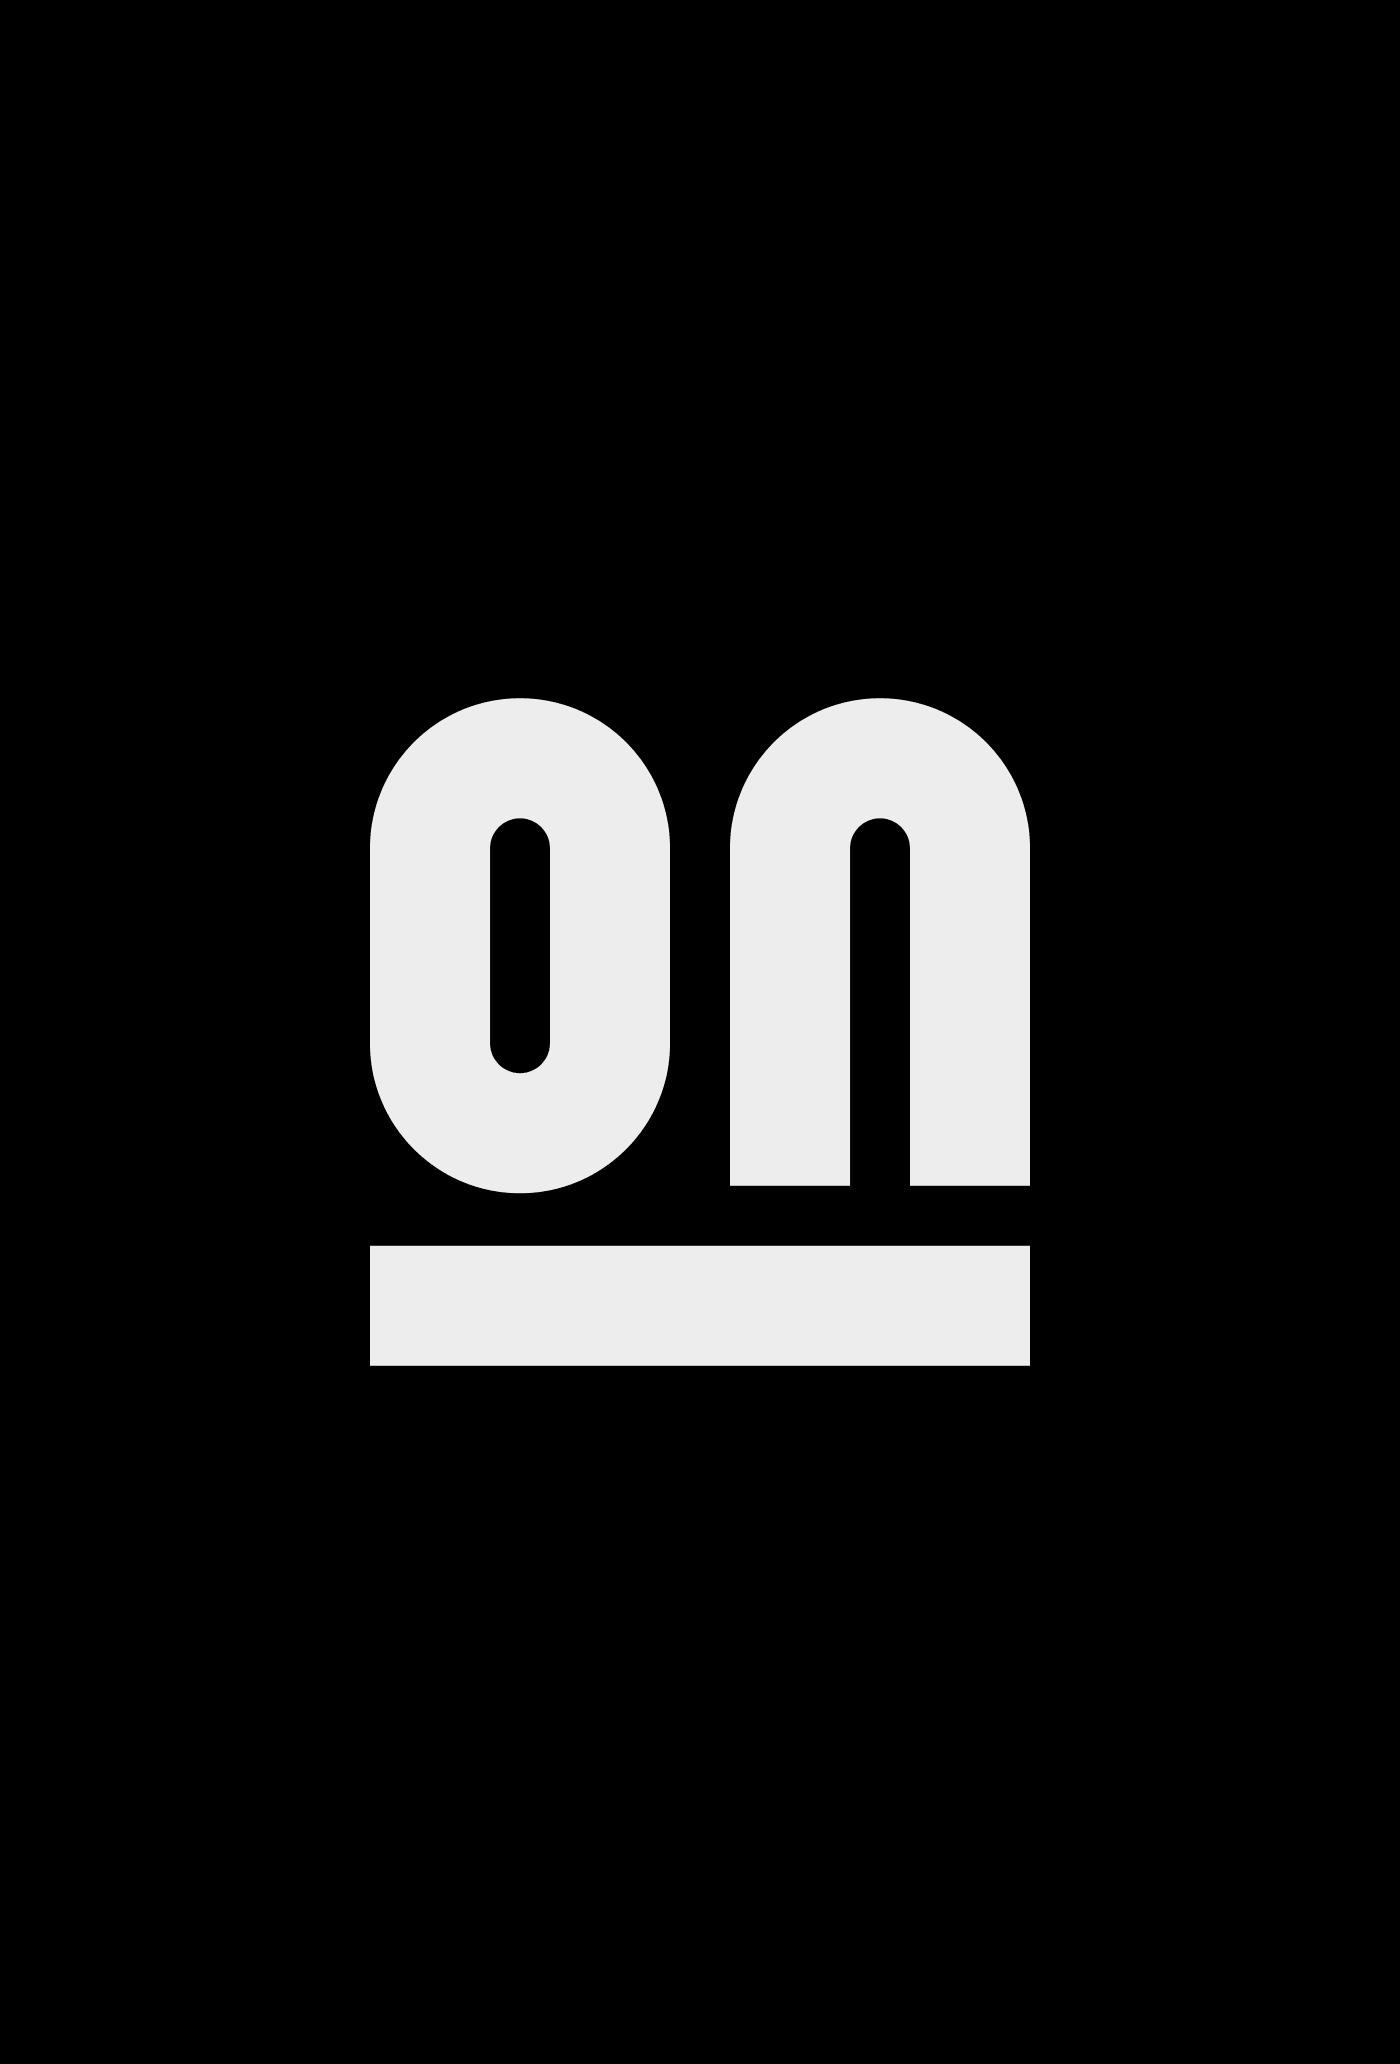 BrunoSilva-Logos-014